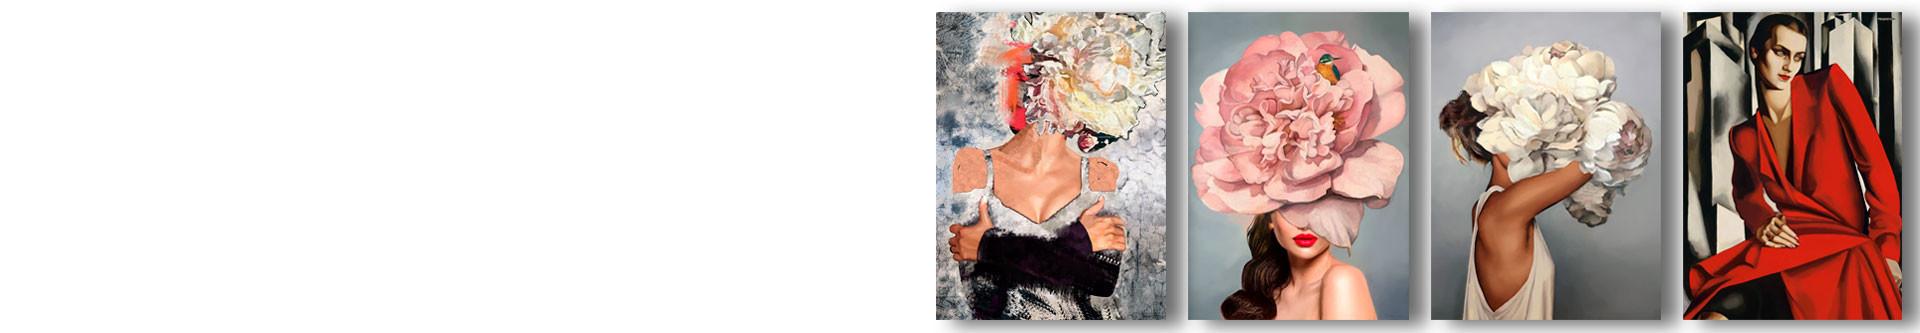 Obraz kobieta • zobacz obrazy na ścianę nowoczesne • GRAFIKIOBRAZY.PL